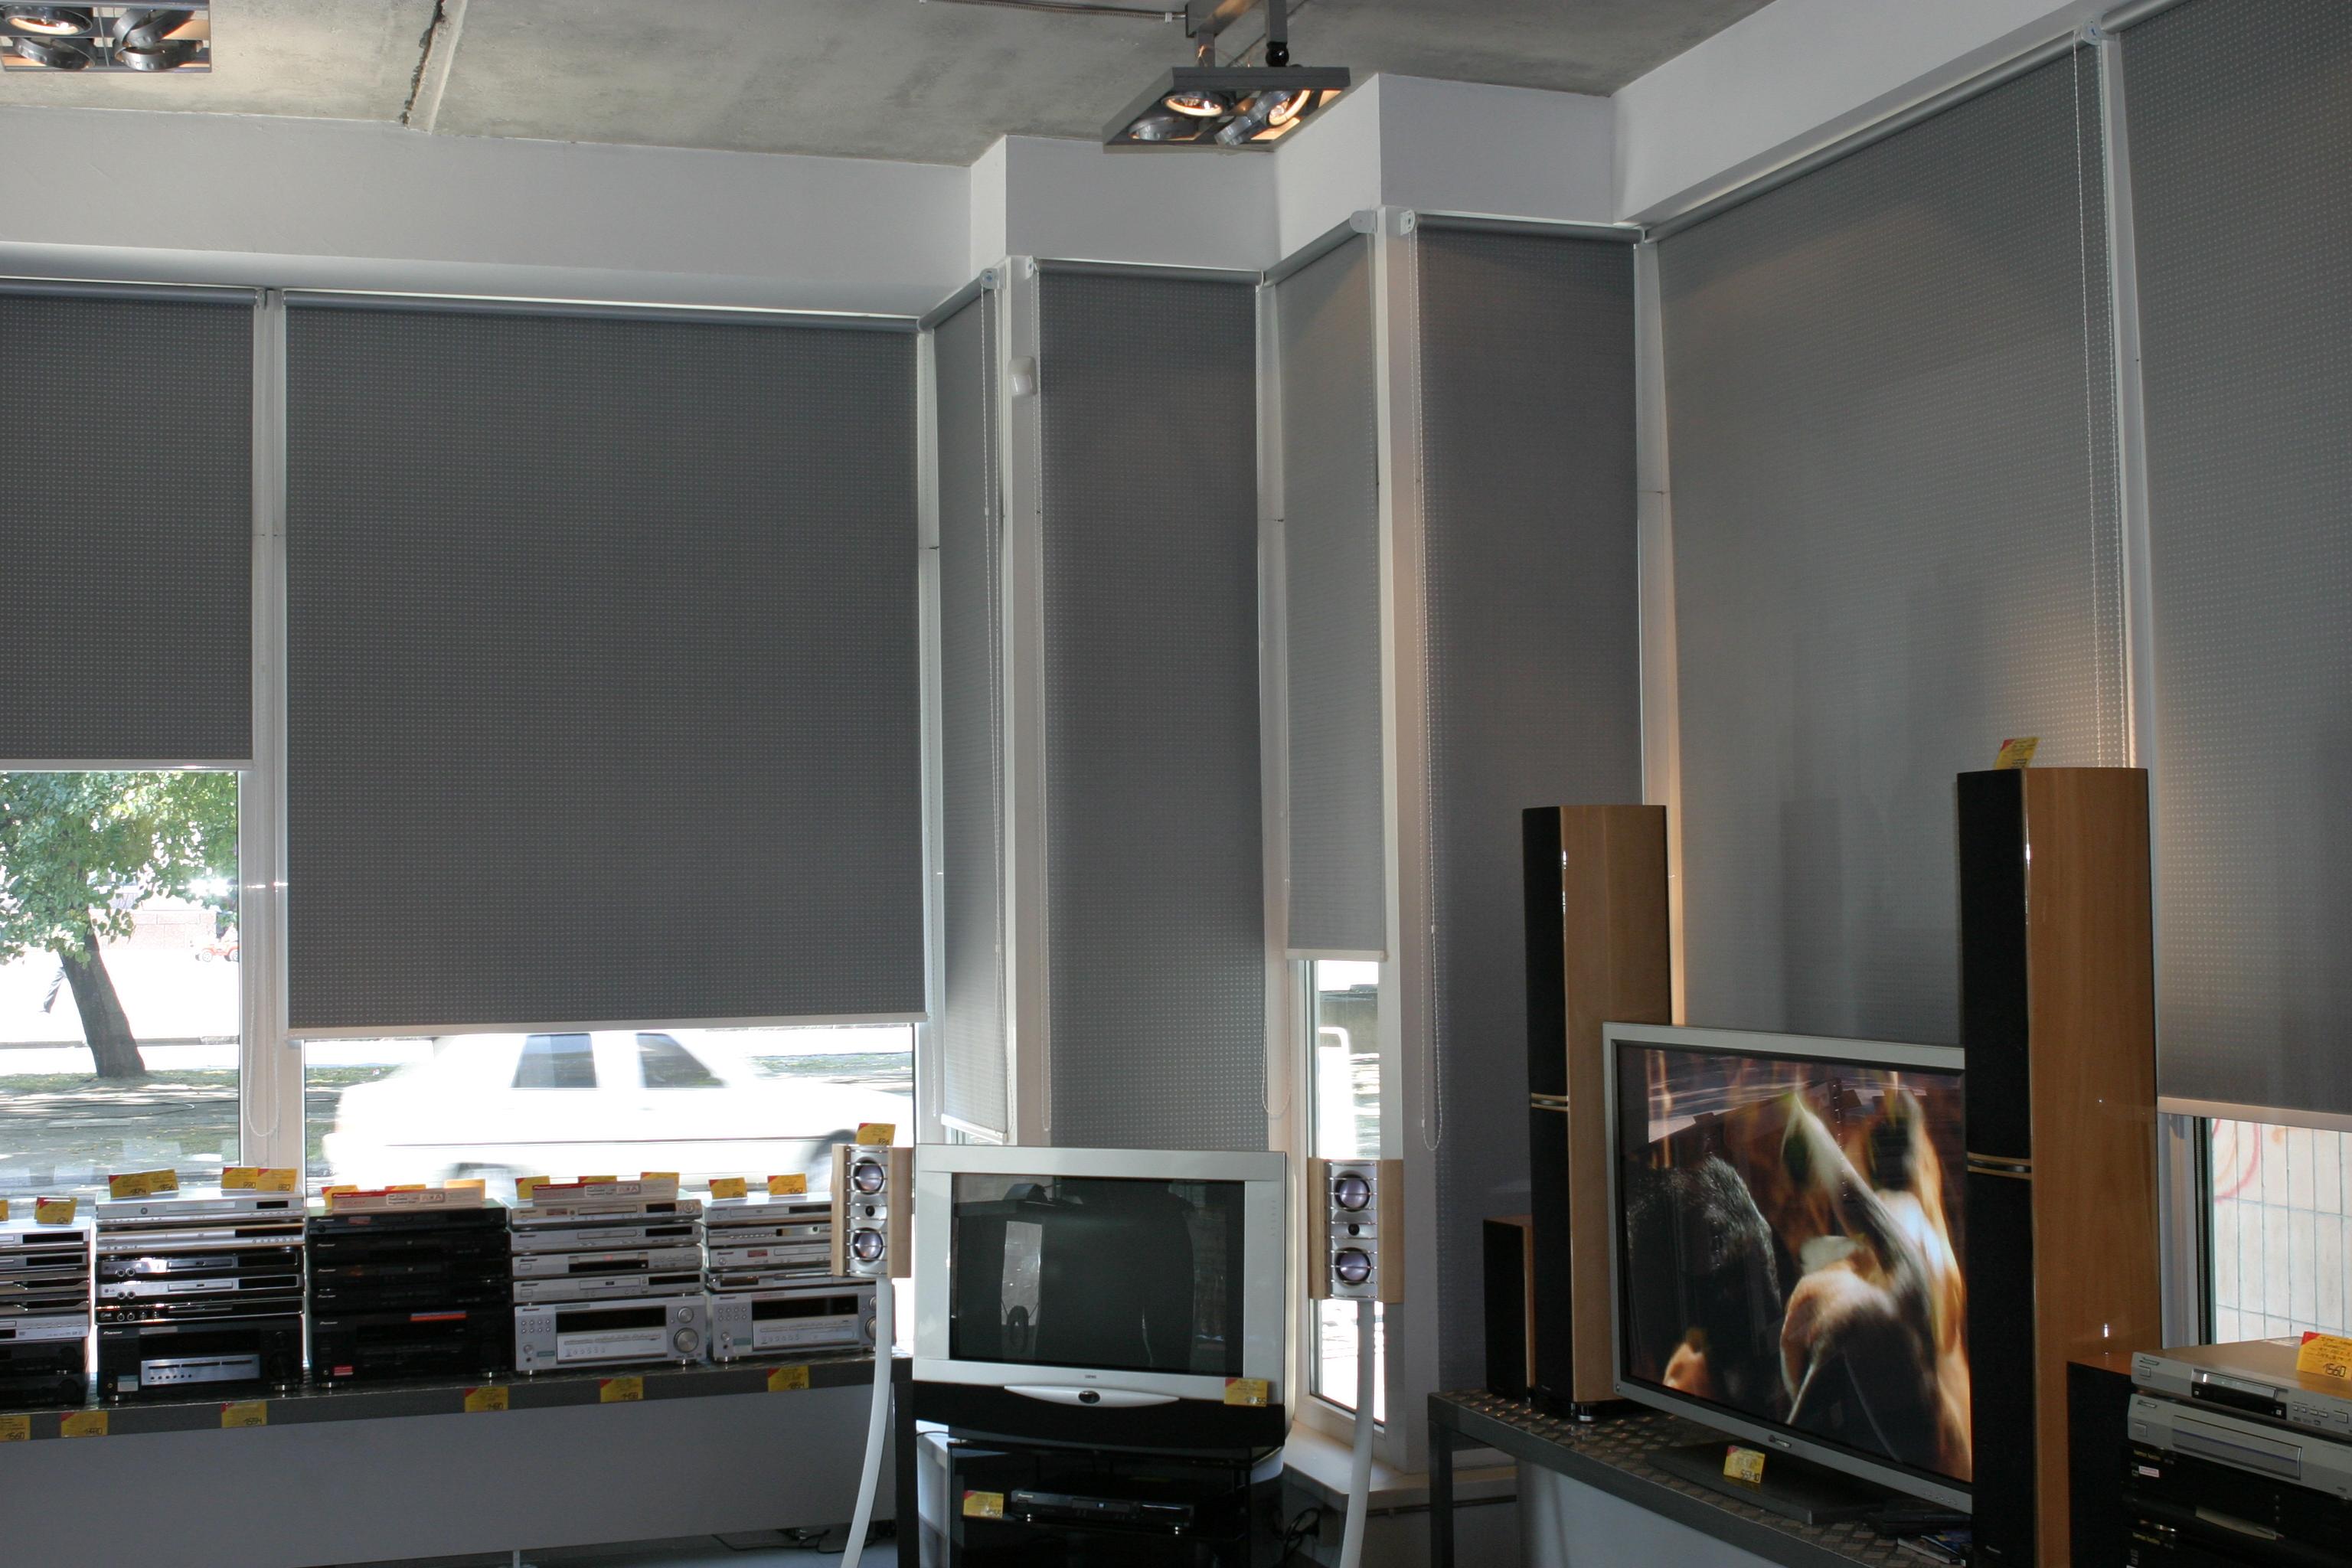 купить широкие рулонные шторы на большие окна Gng Group